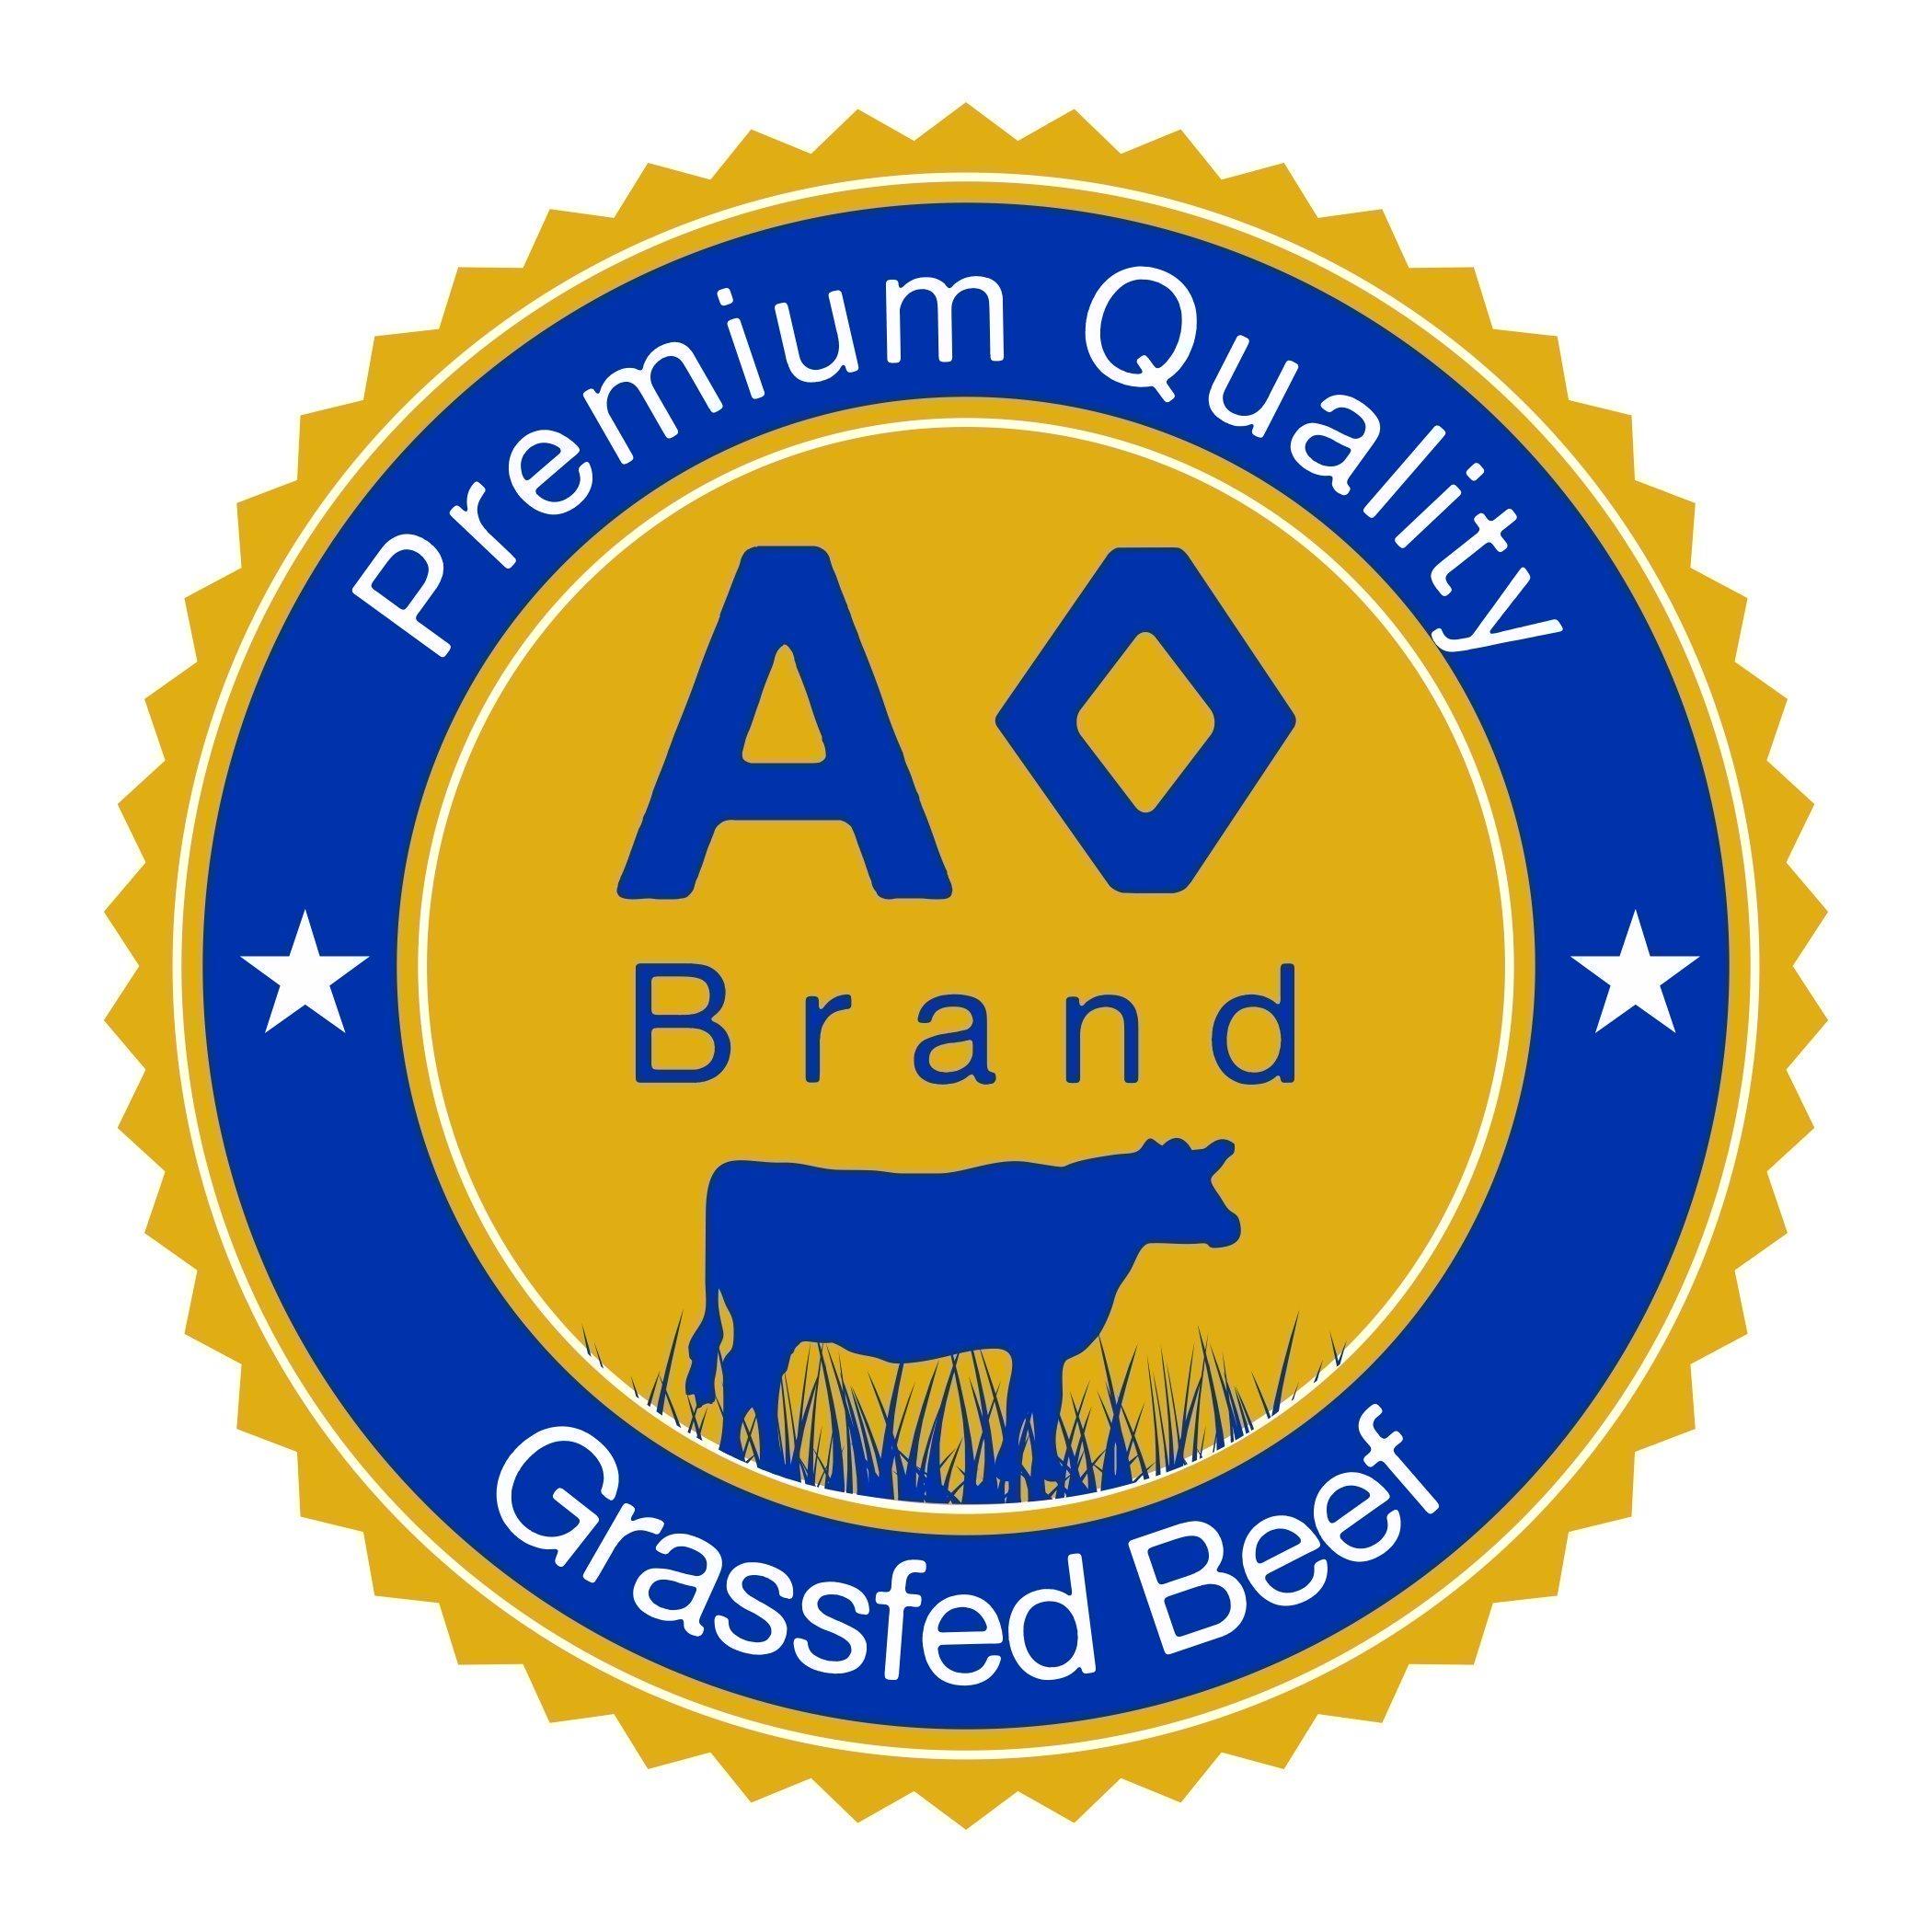 A Diamond Brand